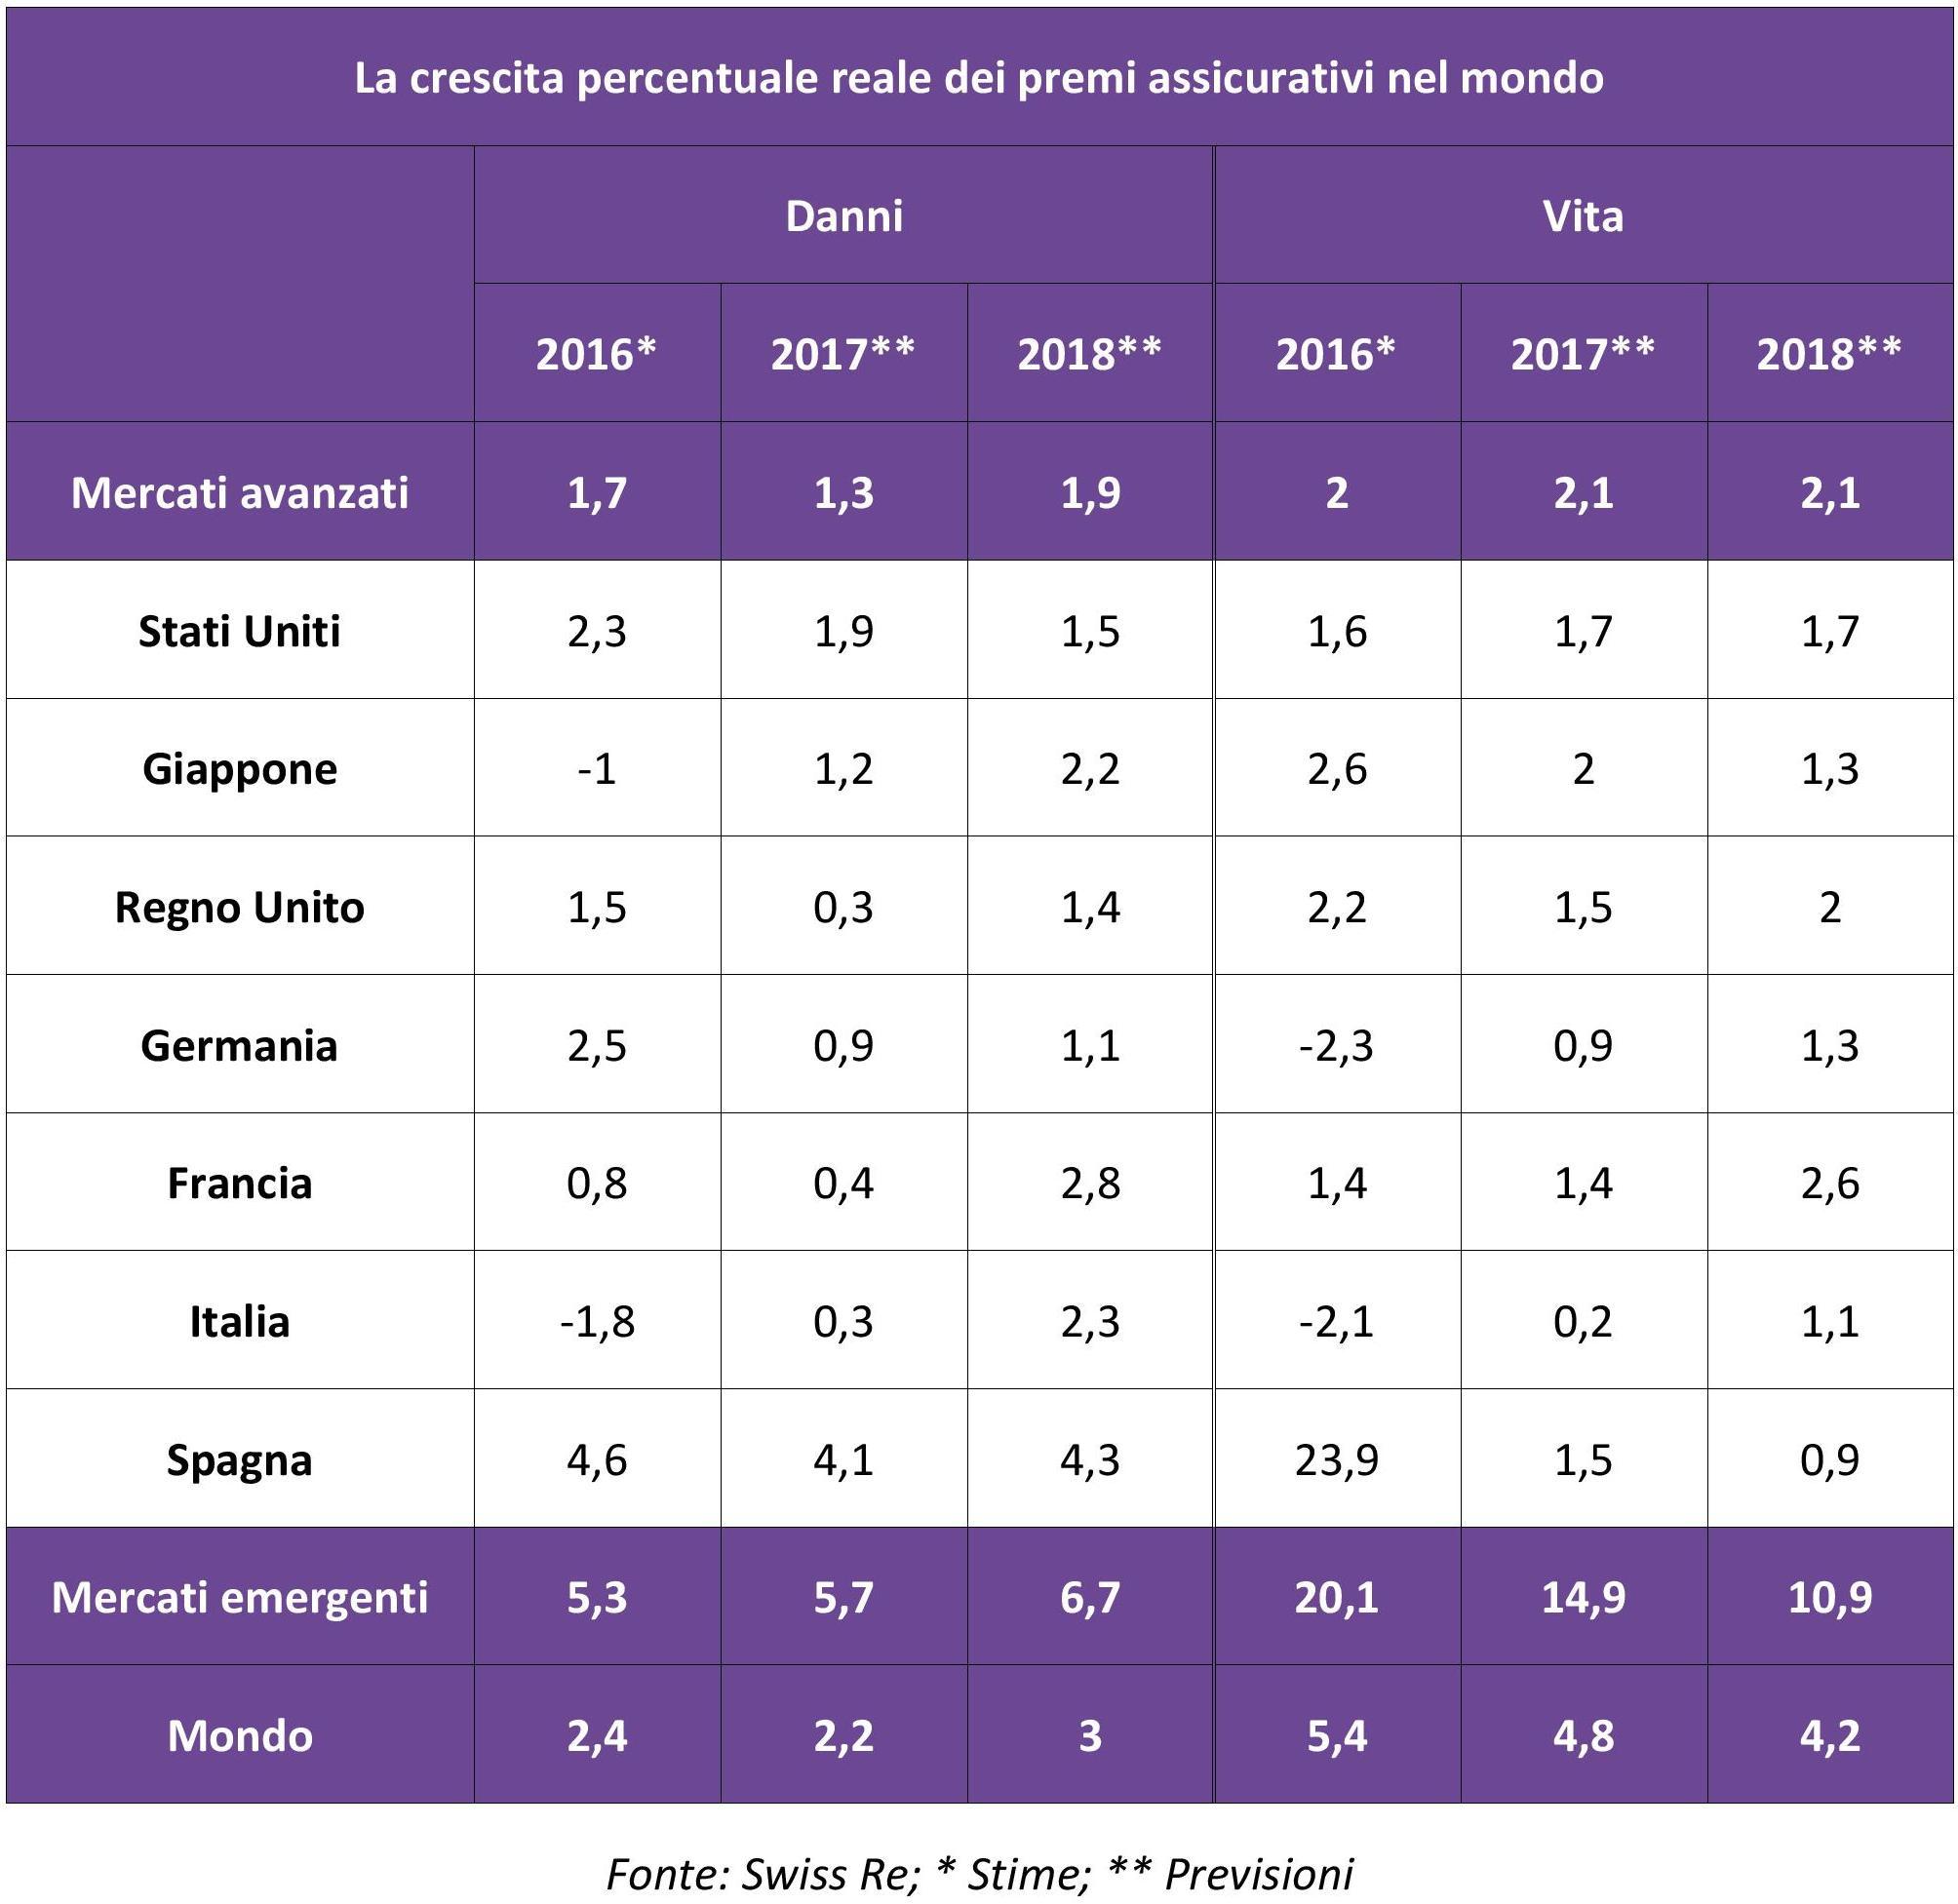 settore-assicurativo-crescita-premi-imc